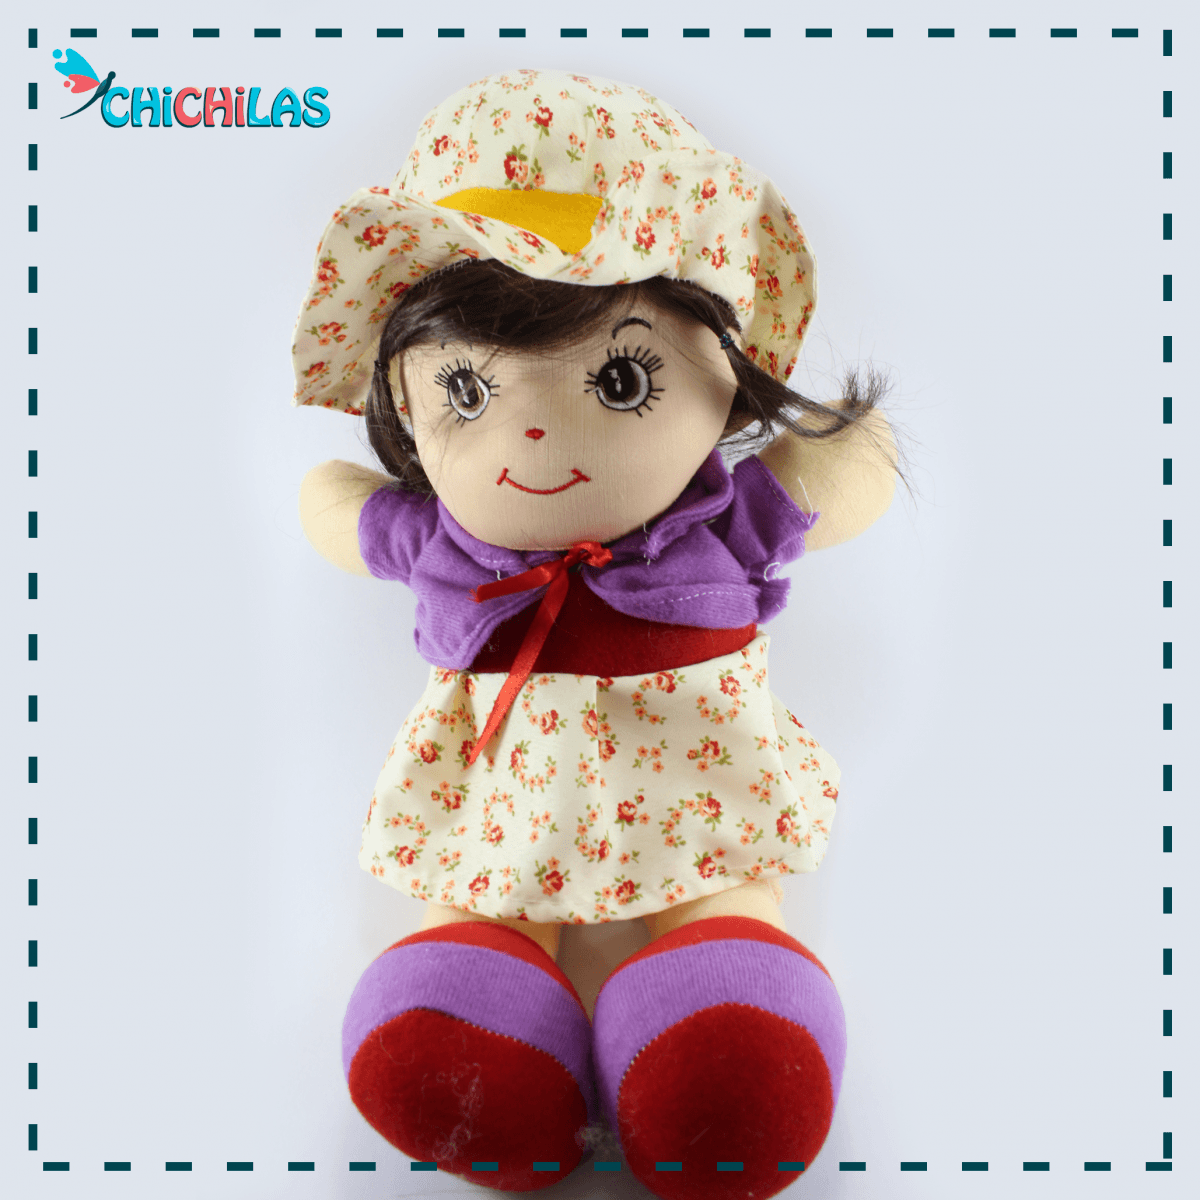 چیچیلاس - عروسک - عروسک دخترانه - عروسک - عروسک دختر ناز - فروش عمده عروسک در تهران - فروشگاه اینترنتی عروسک